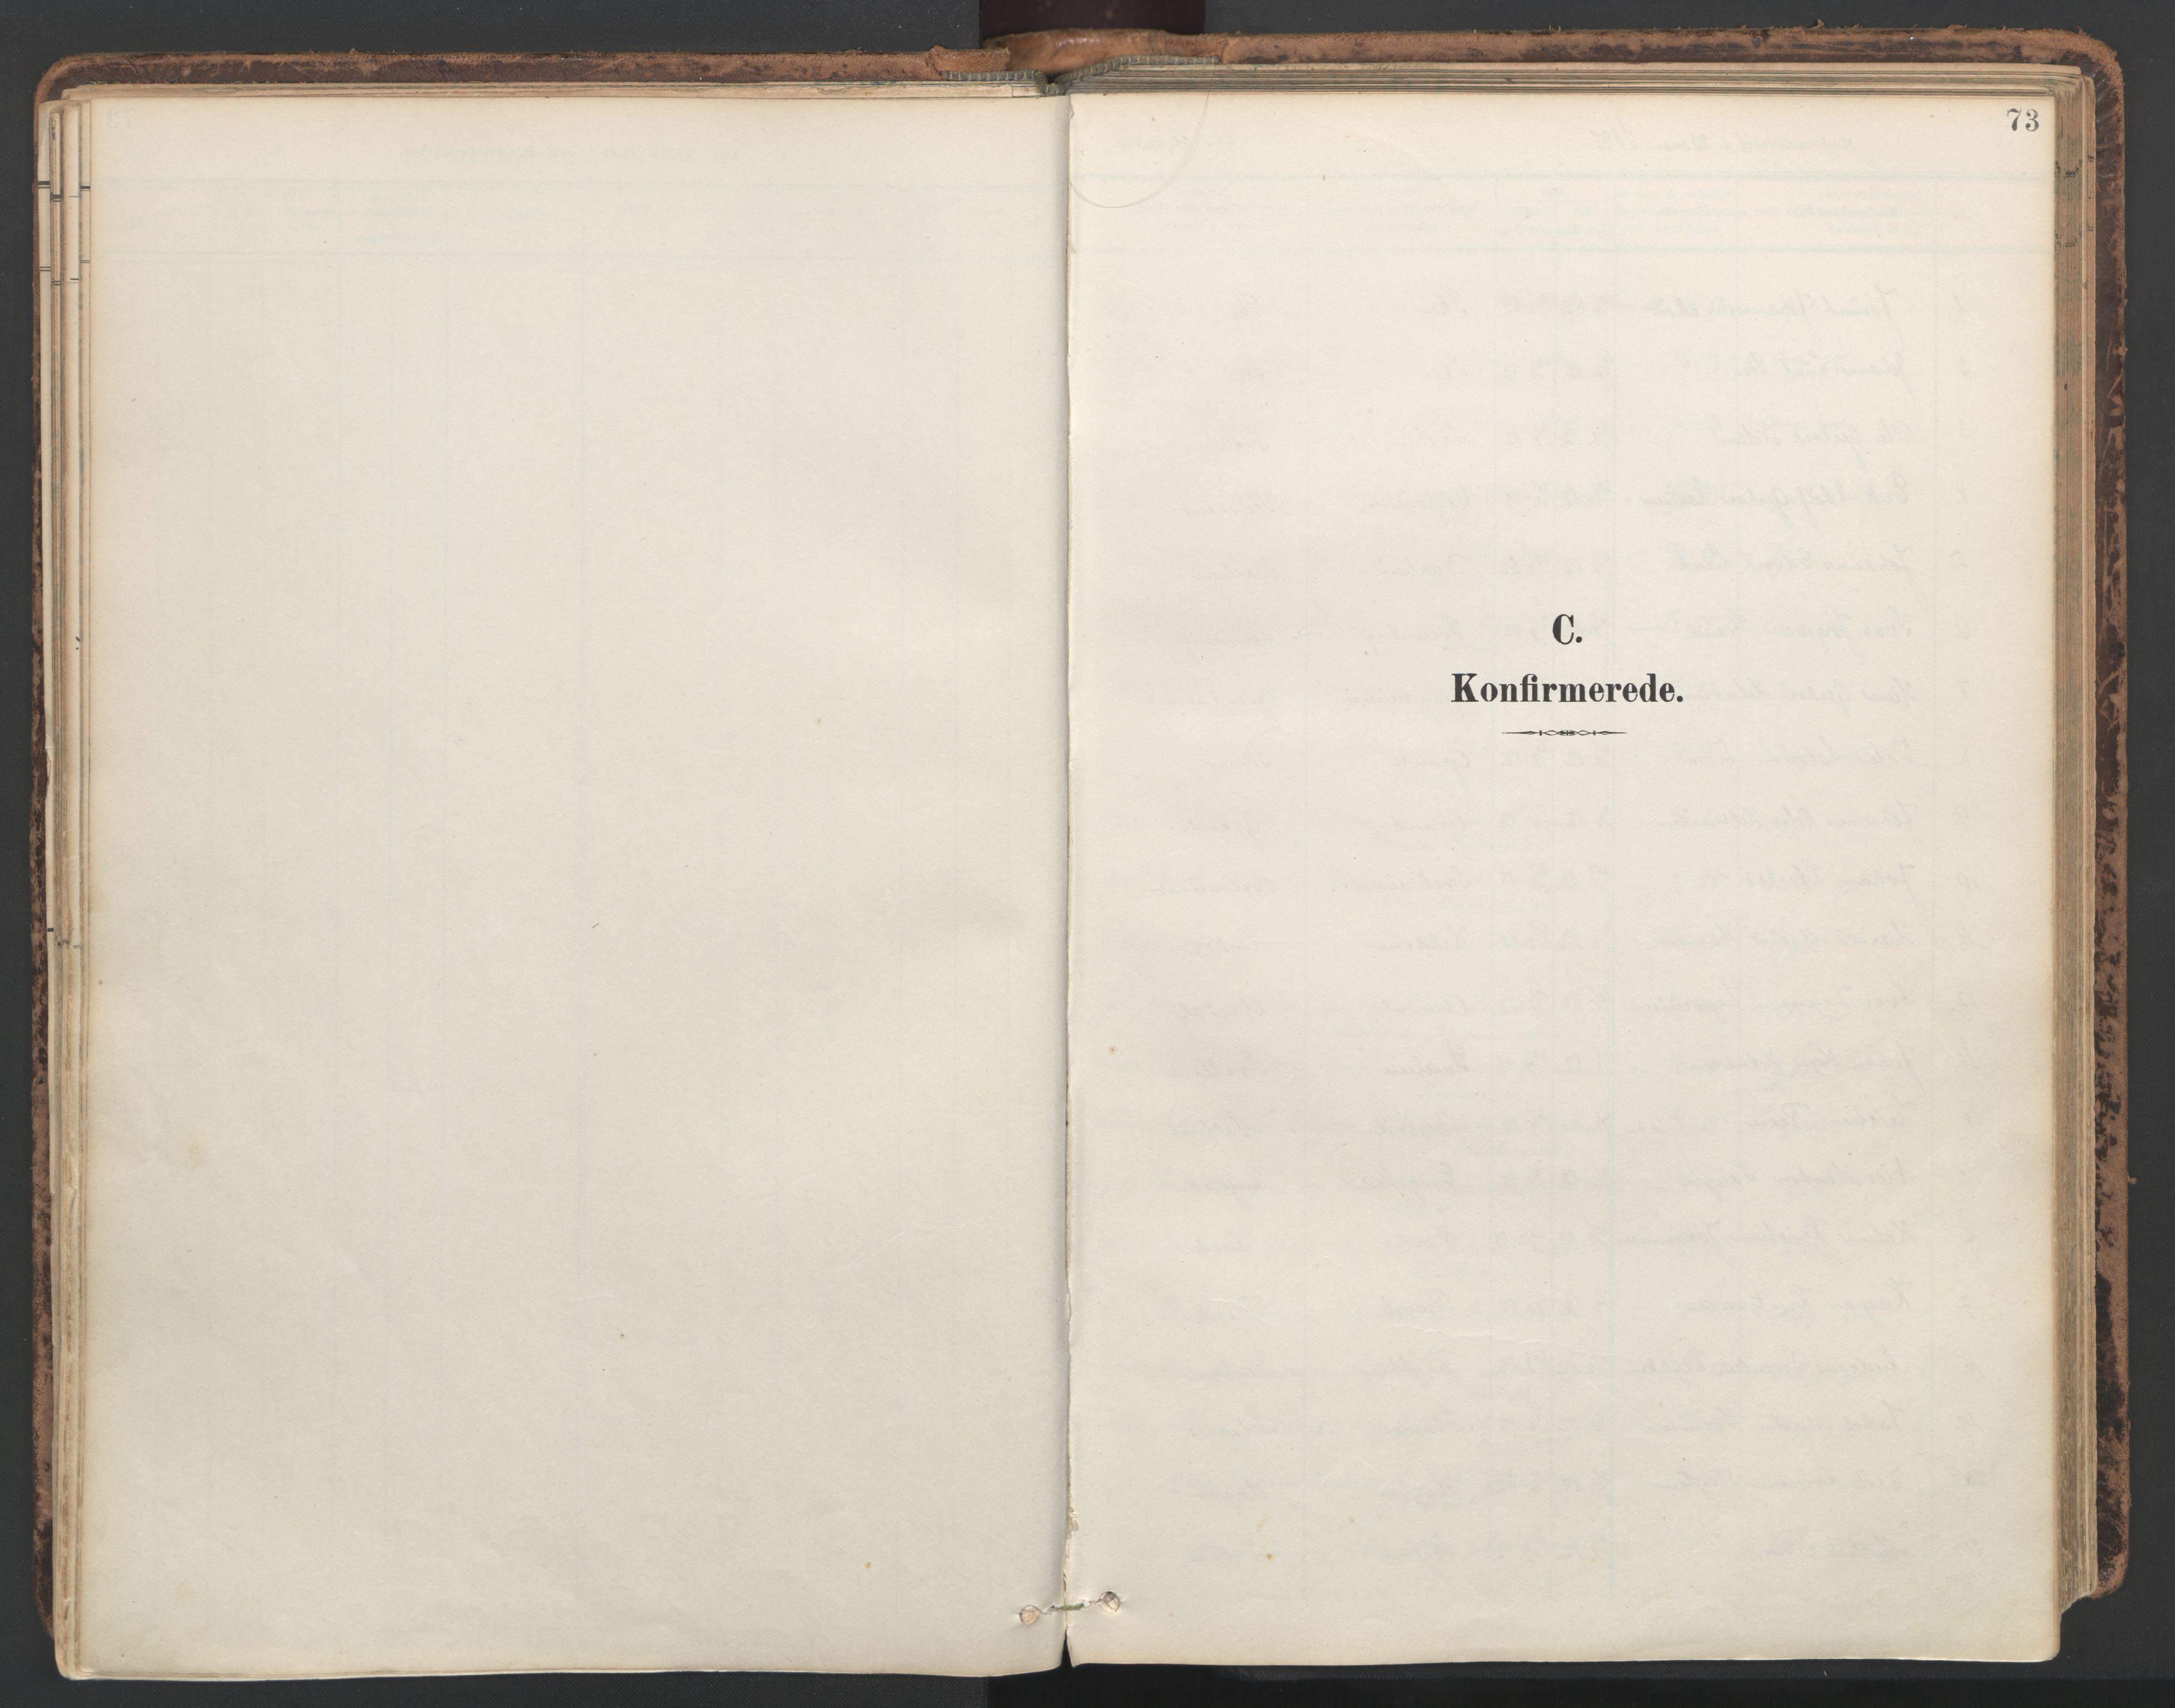 SAT, Ministerialprotokoller, klokkerbøker og fødselsregistre - Nord-Trøndelag, 764/L0556: Ministerialbok nr. 764A11, 1897-1924, s. 73